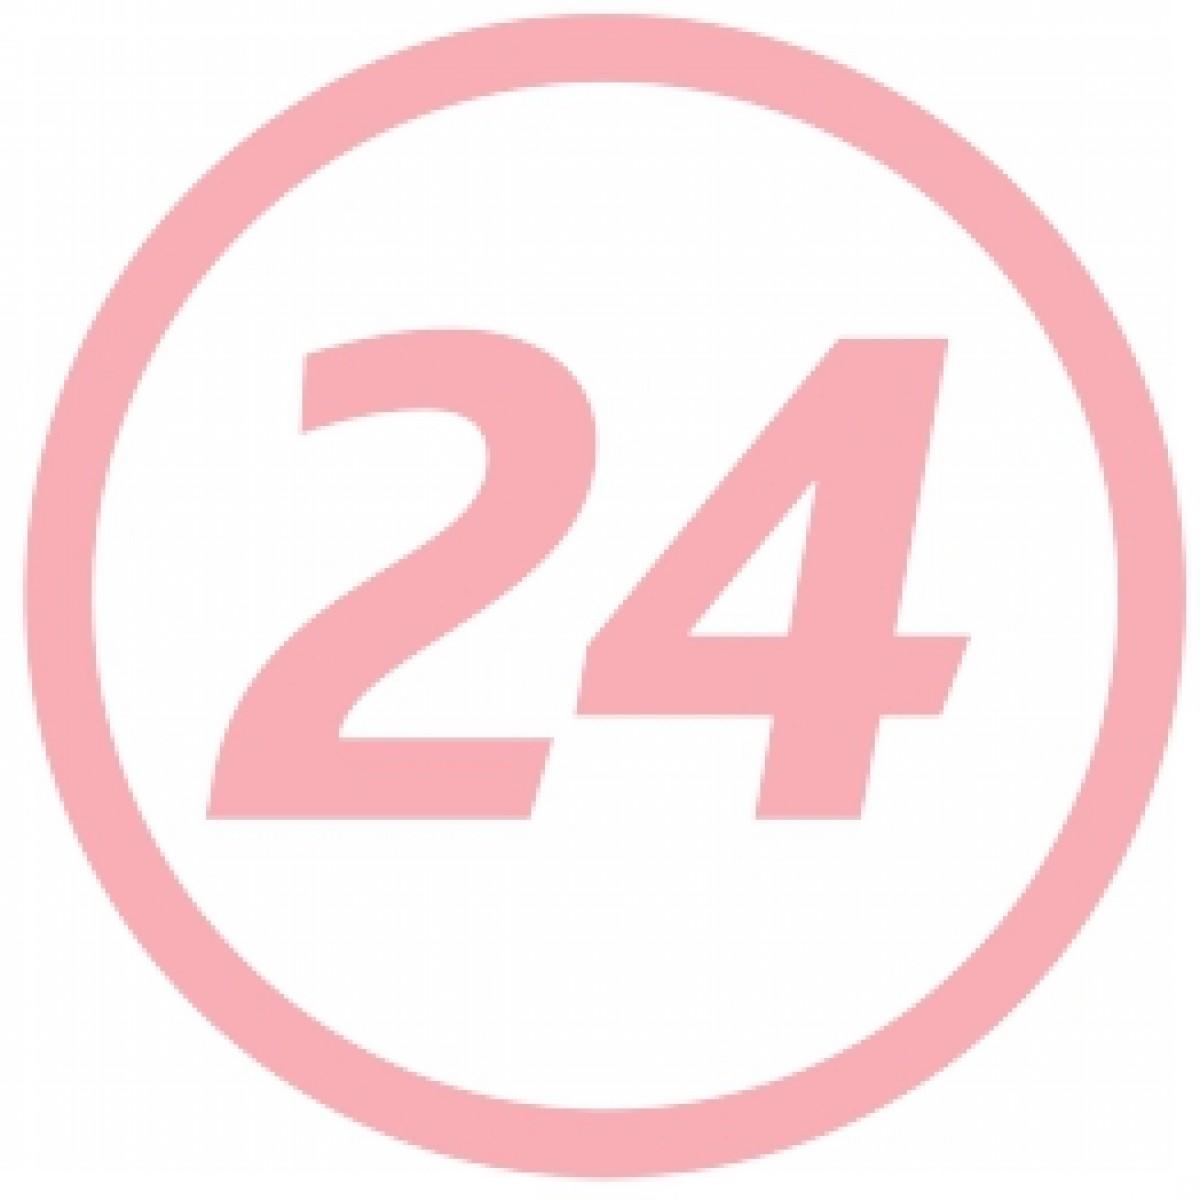 Pampers 2 Premium Care 3-6 kg, Scutece, 32 buc